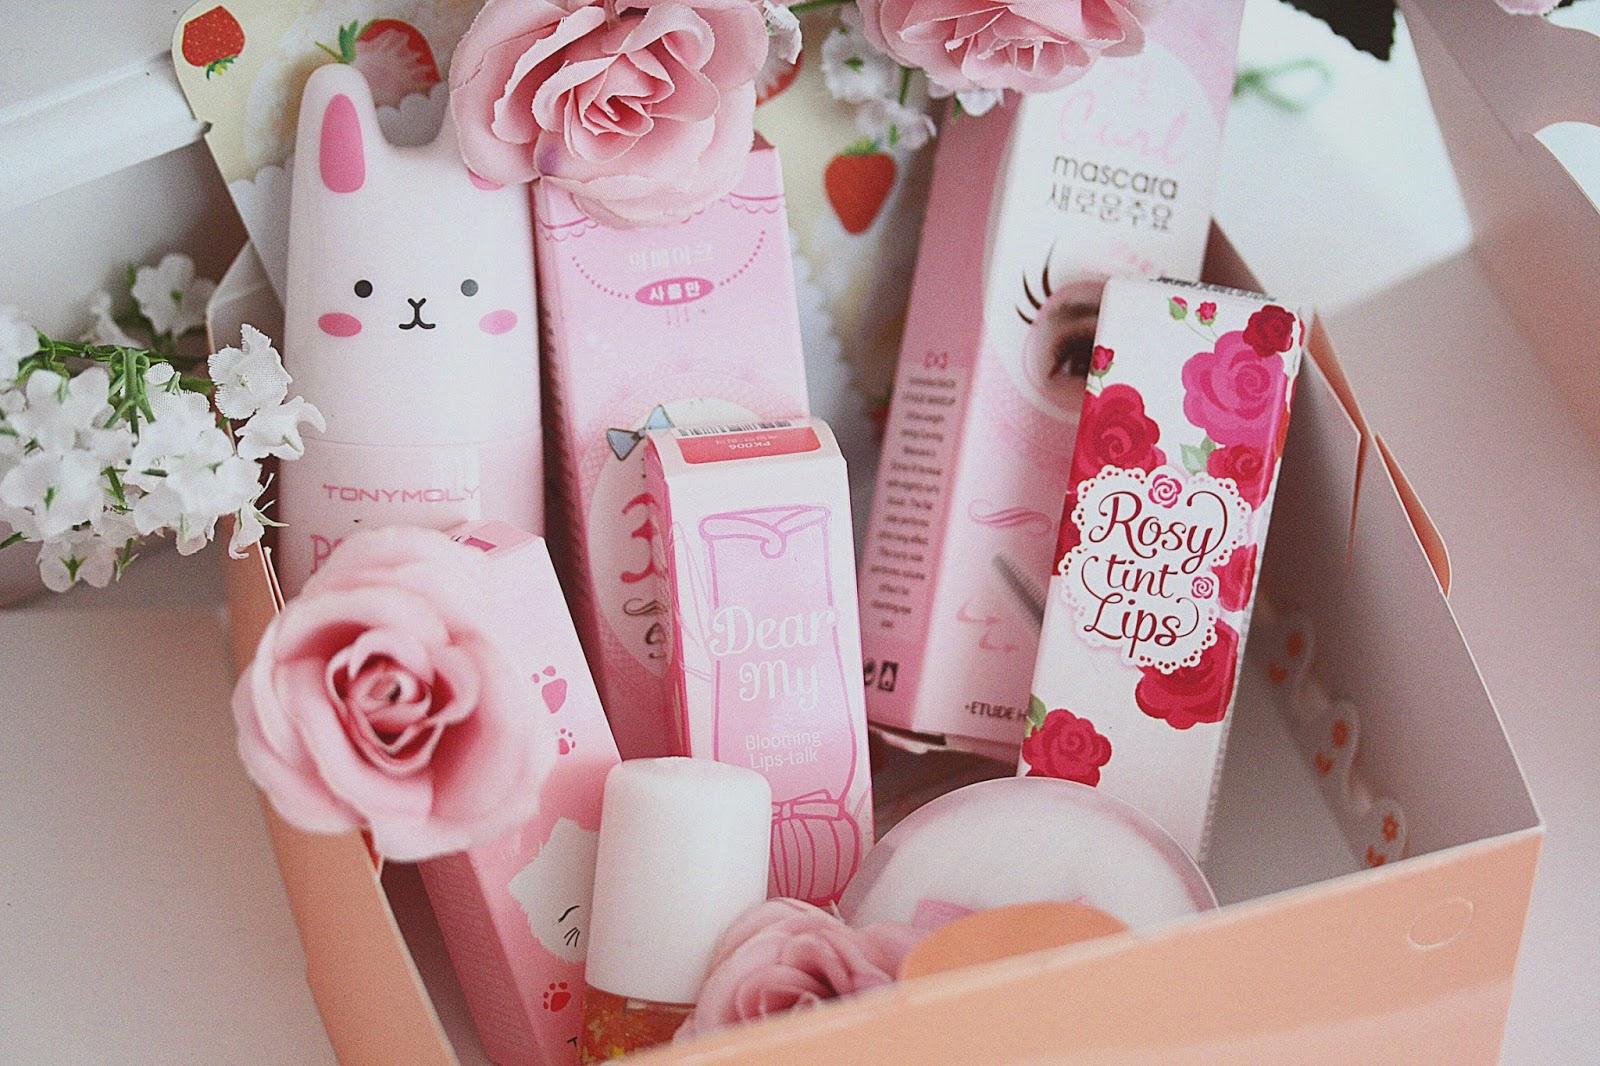 http://www.rosemademoiselle.com/2015/03/concours-beautebox-rosemademoiselle.html